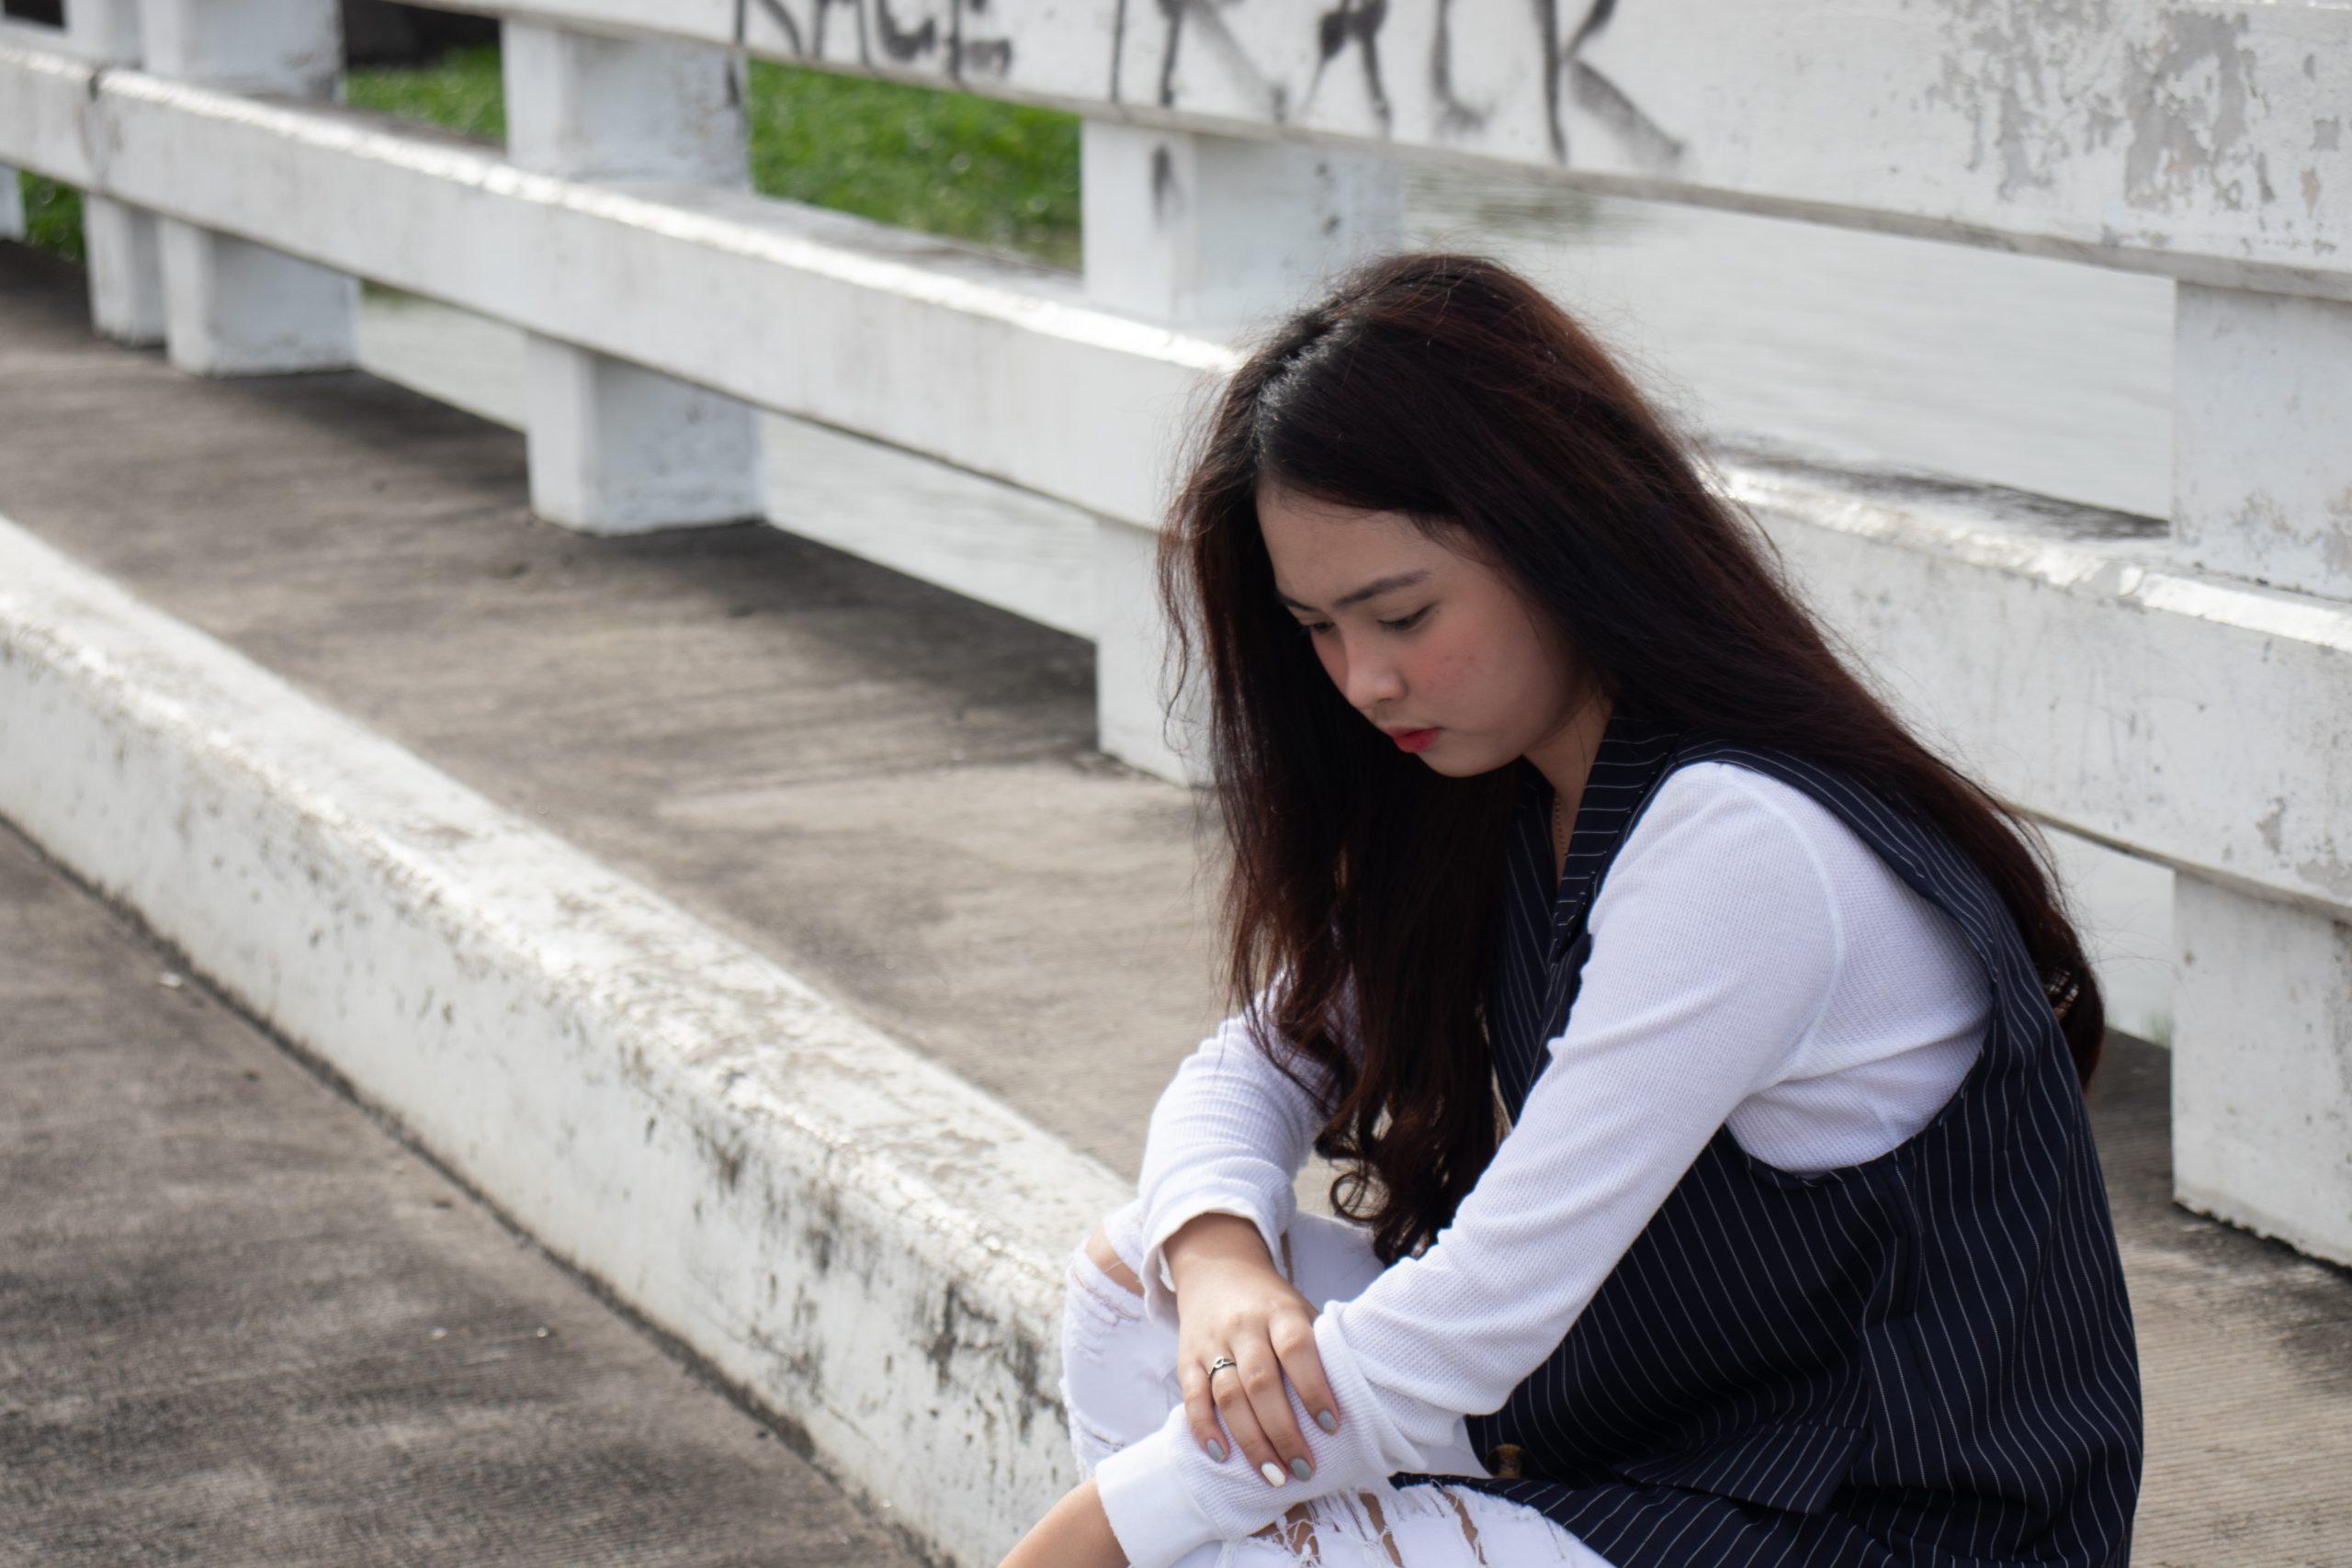 A sad girl sit on a bridge